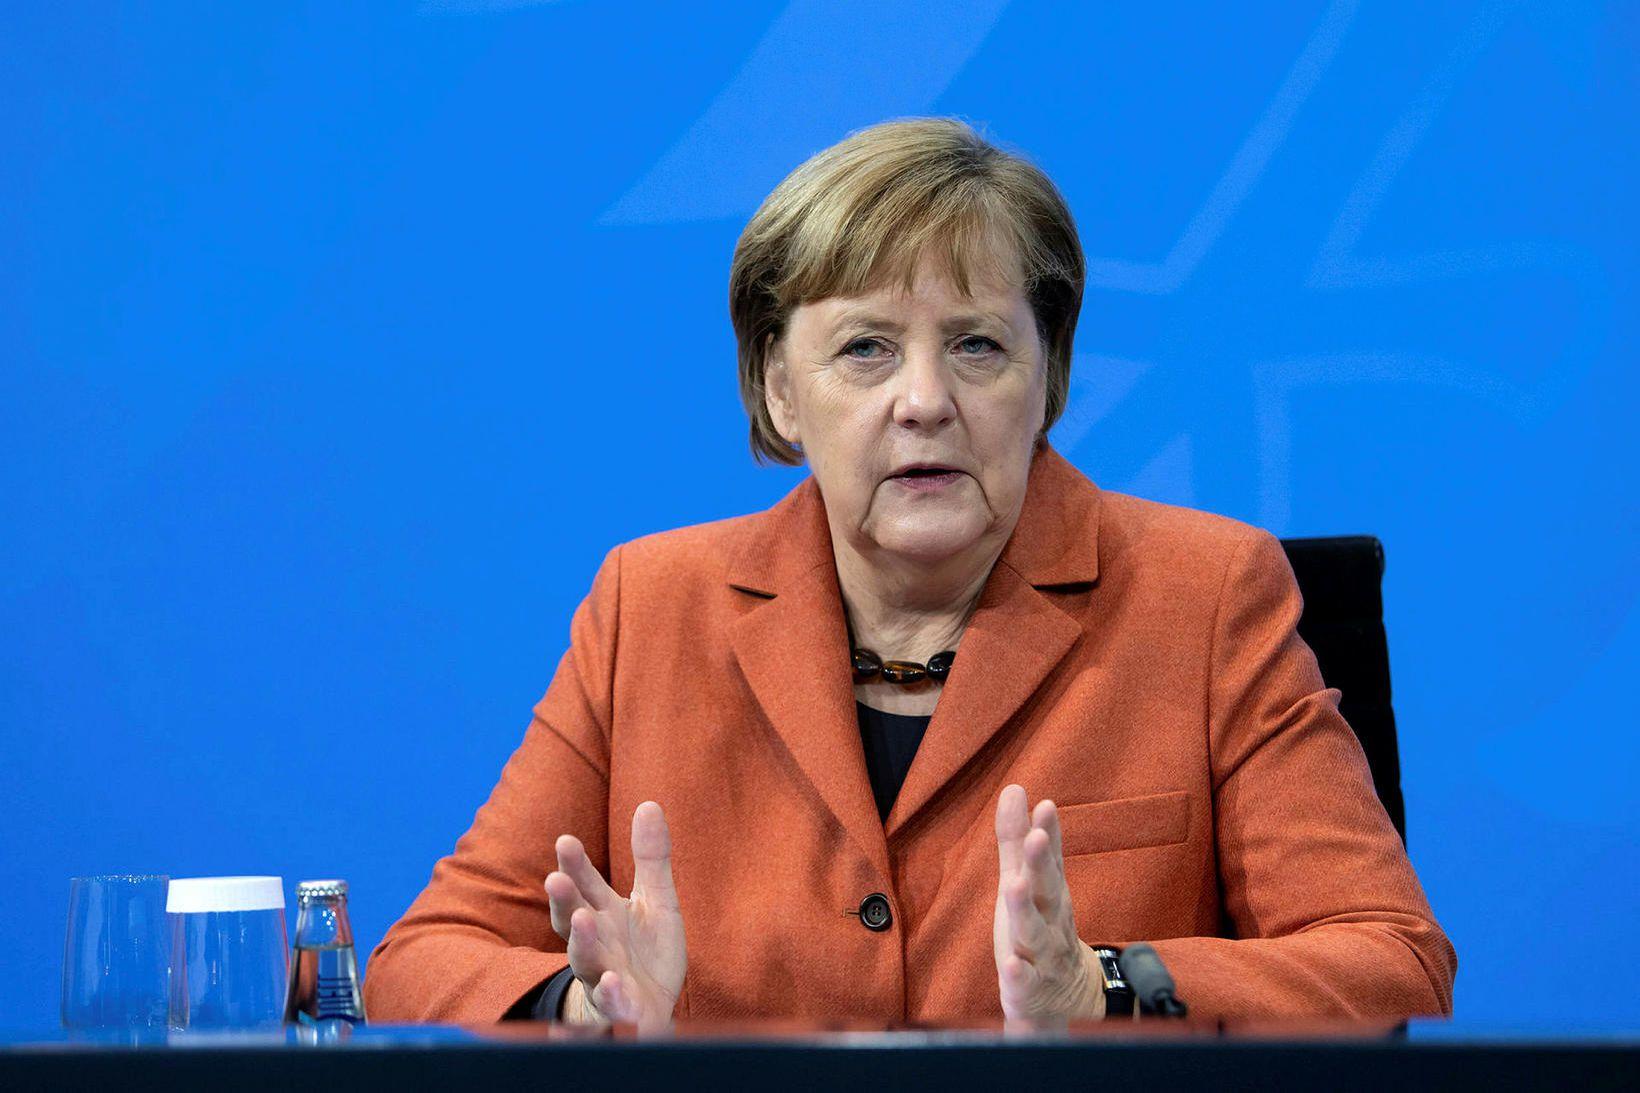 Angela Merkel, kanslari Þýskalands, telur þróunina óheillavænlega.